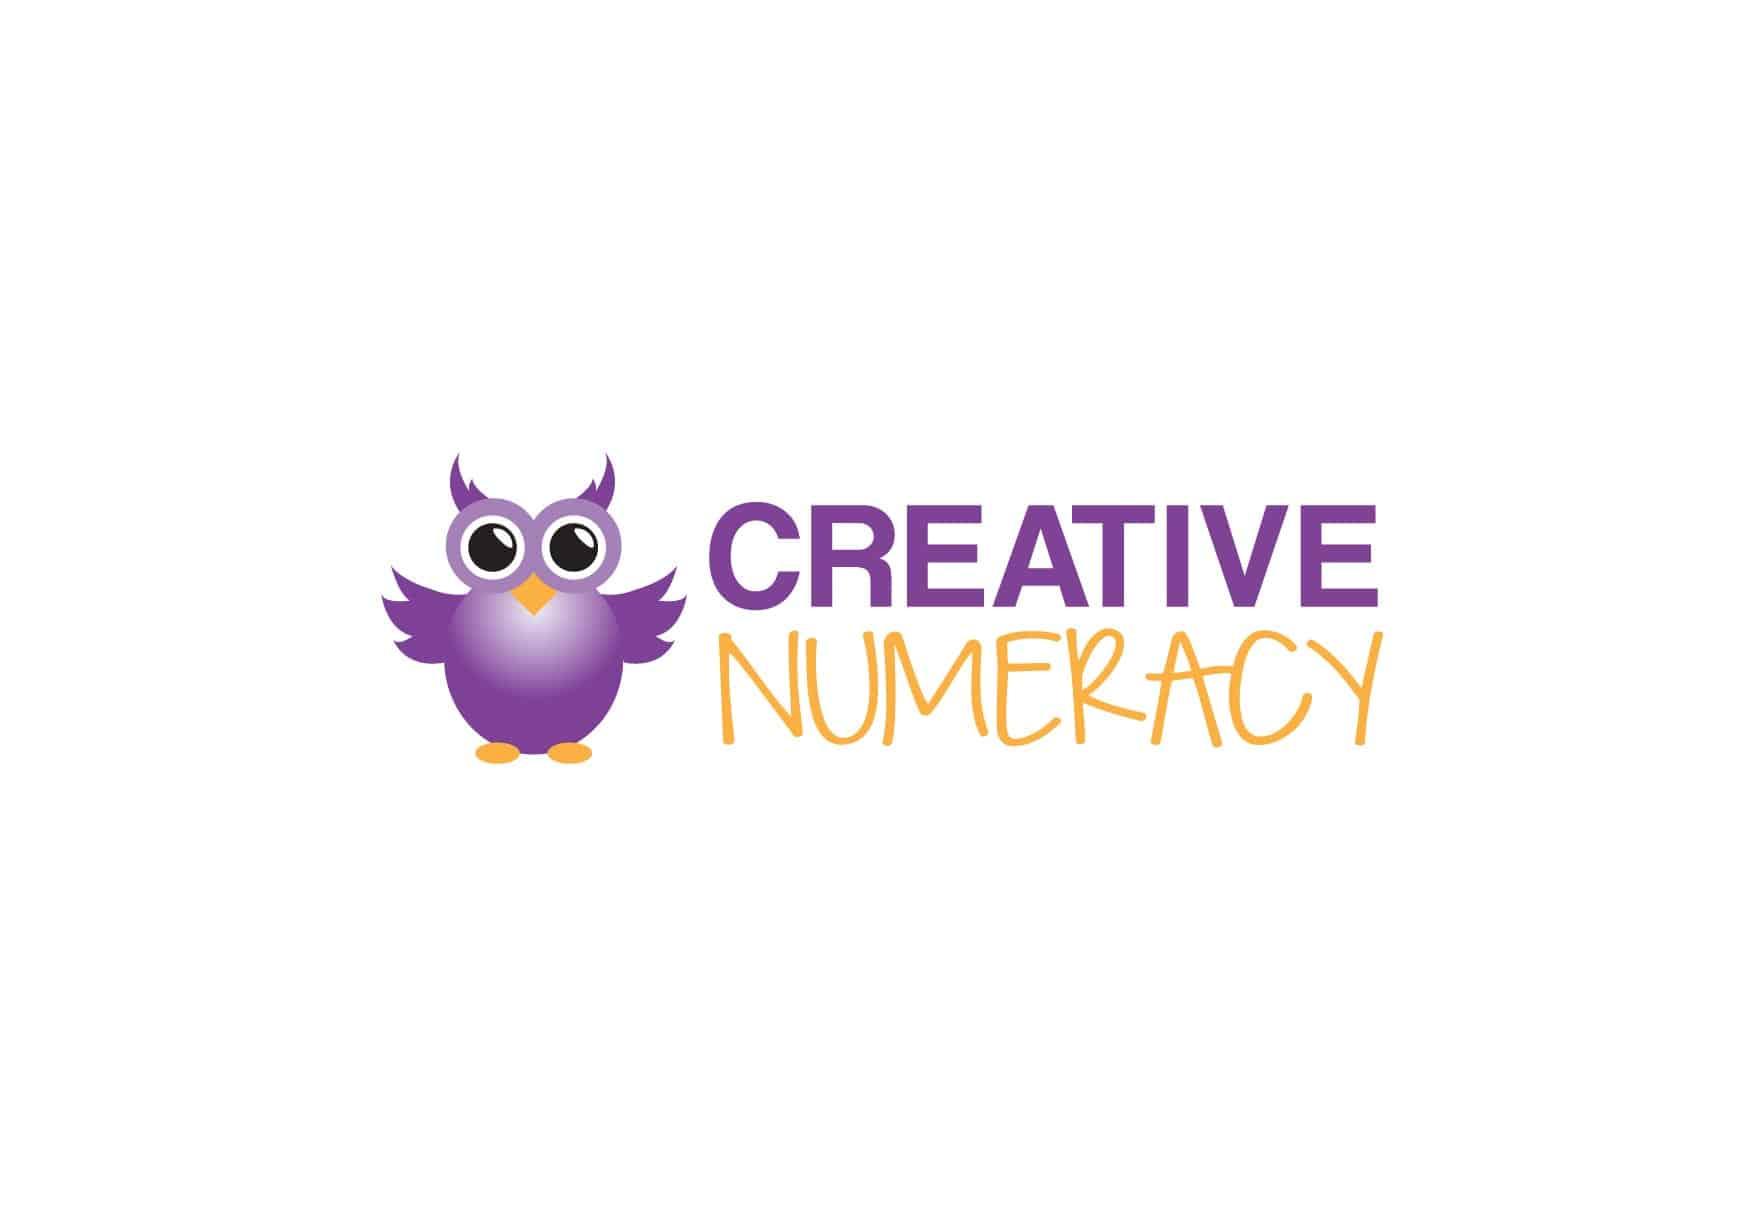 creative-numeracy-logo